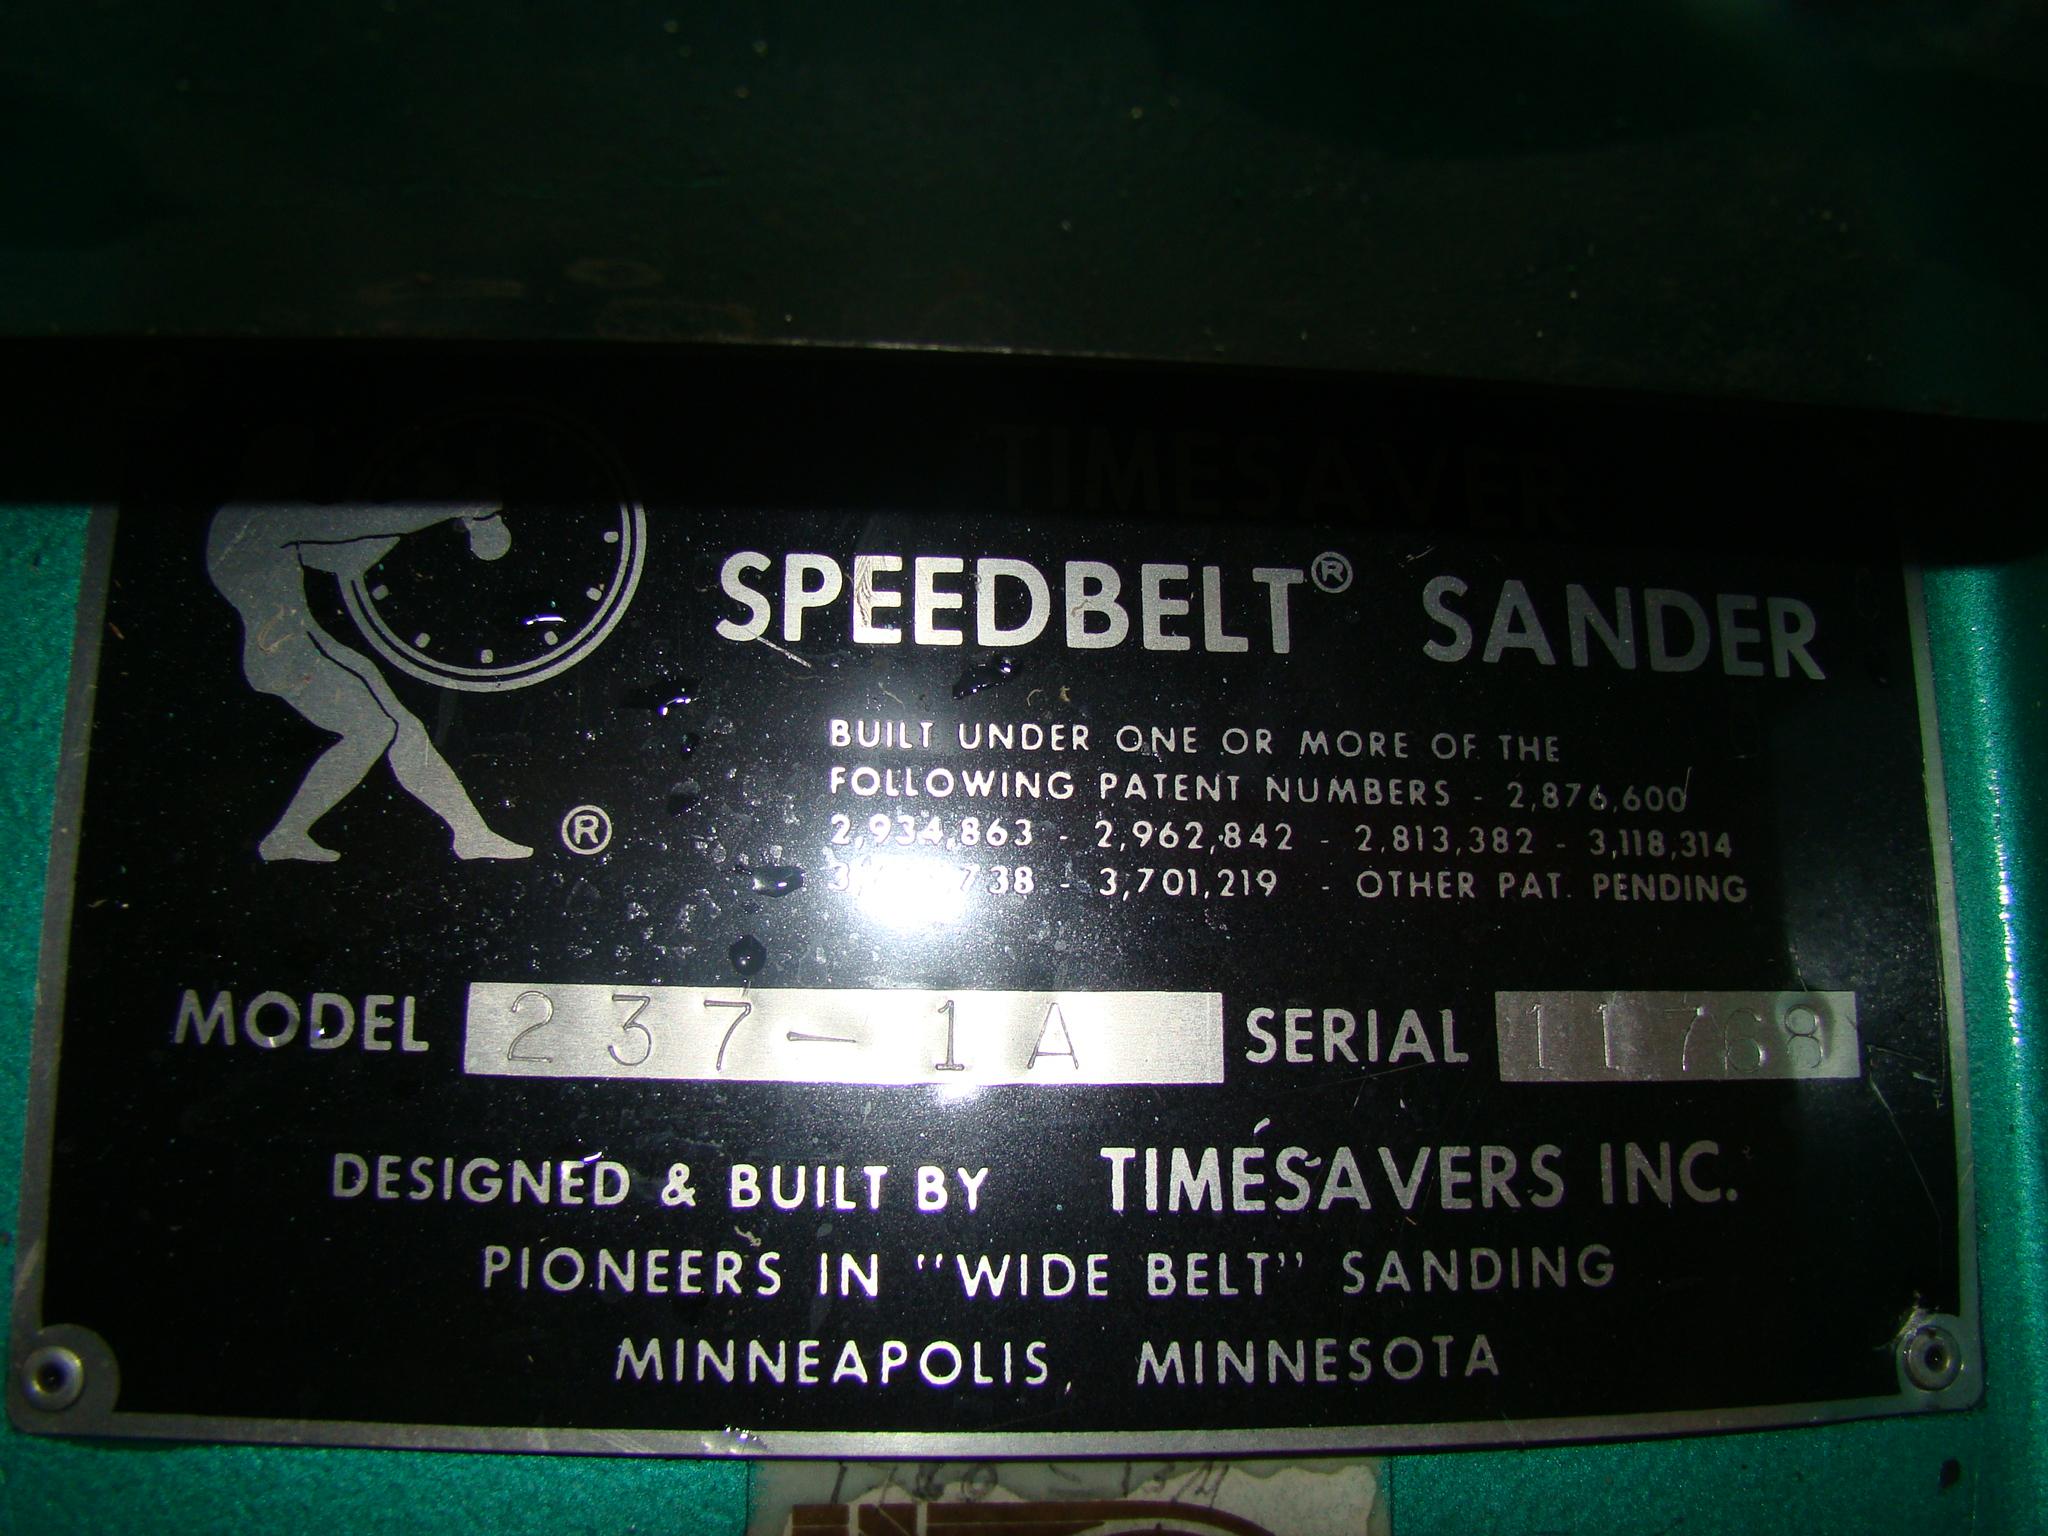 """Time Saver Speedbelt 37"""" Sander Model 237-1A 40 HP 230/460 Volt 3PH - Image 6 of 12"""